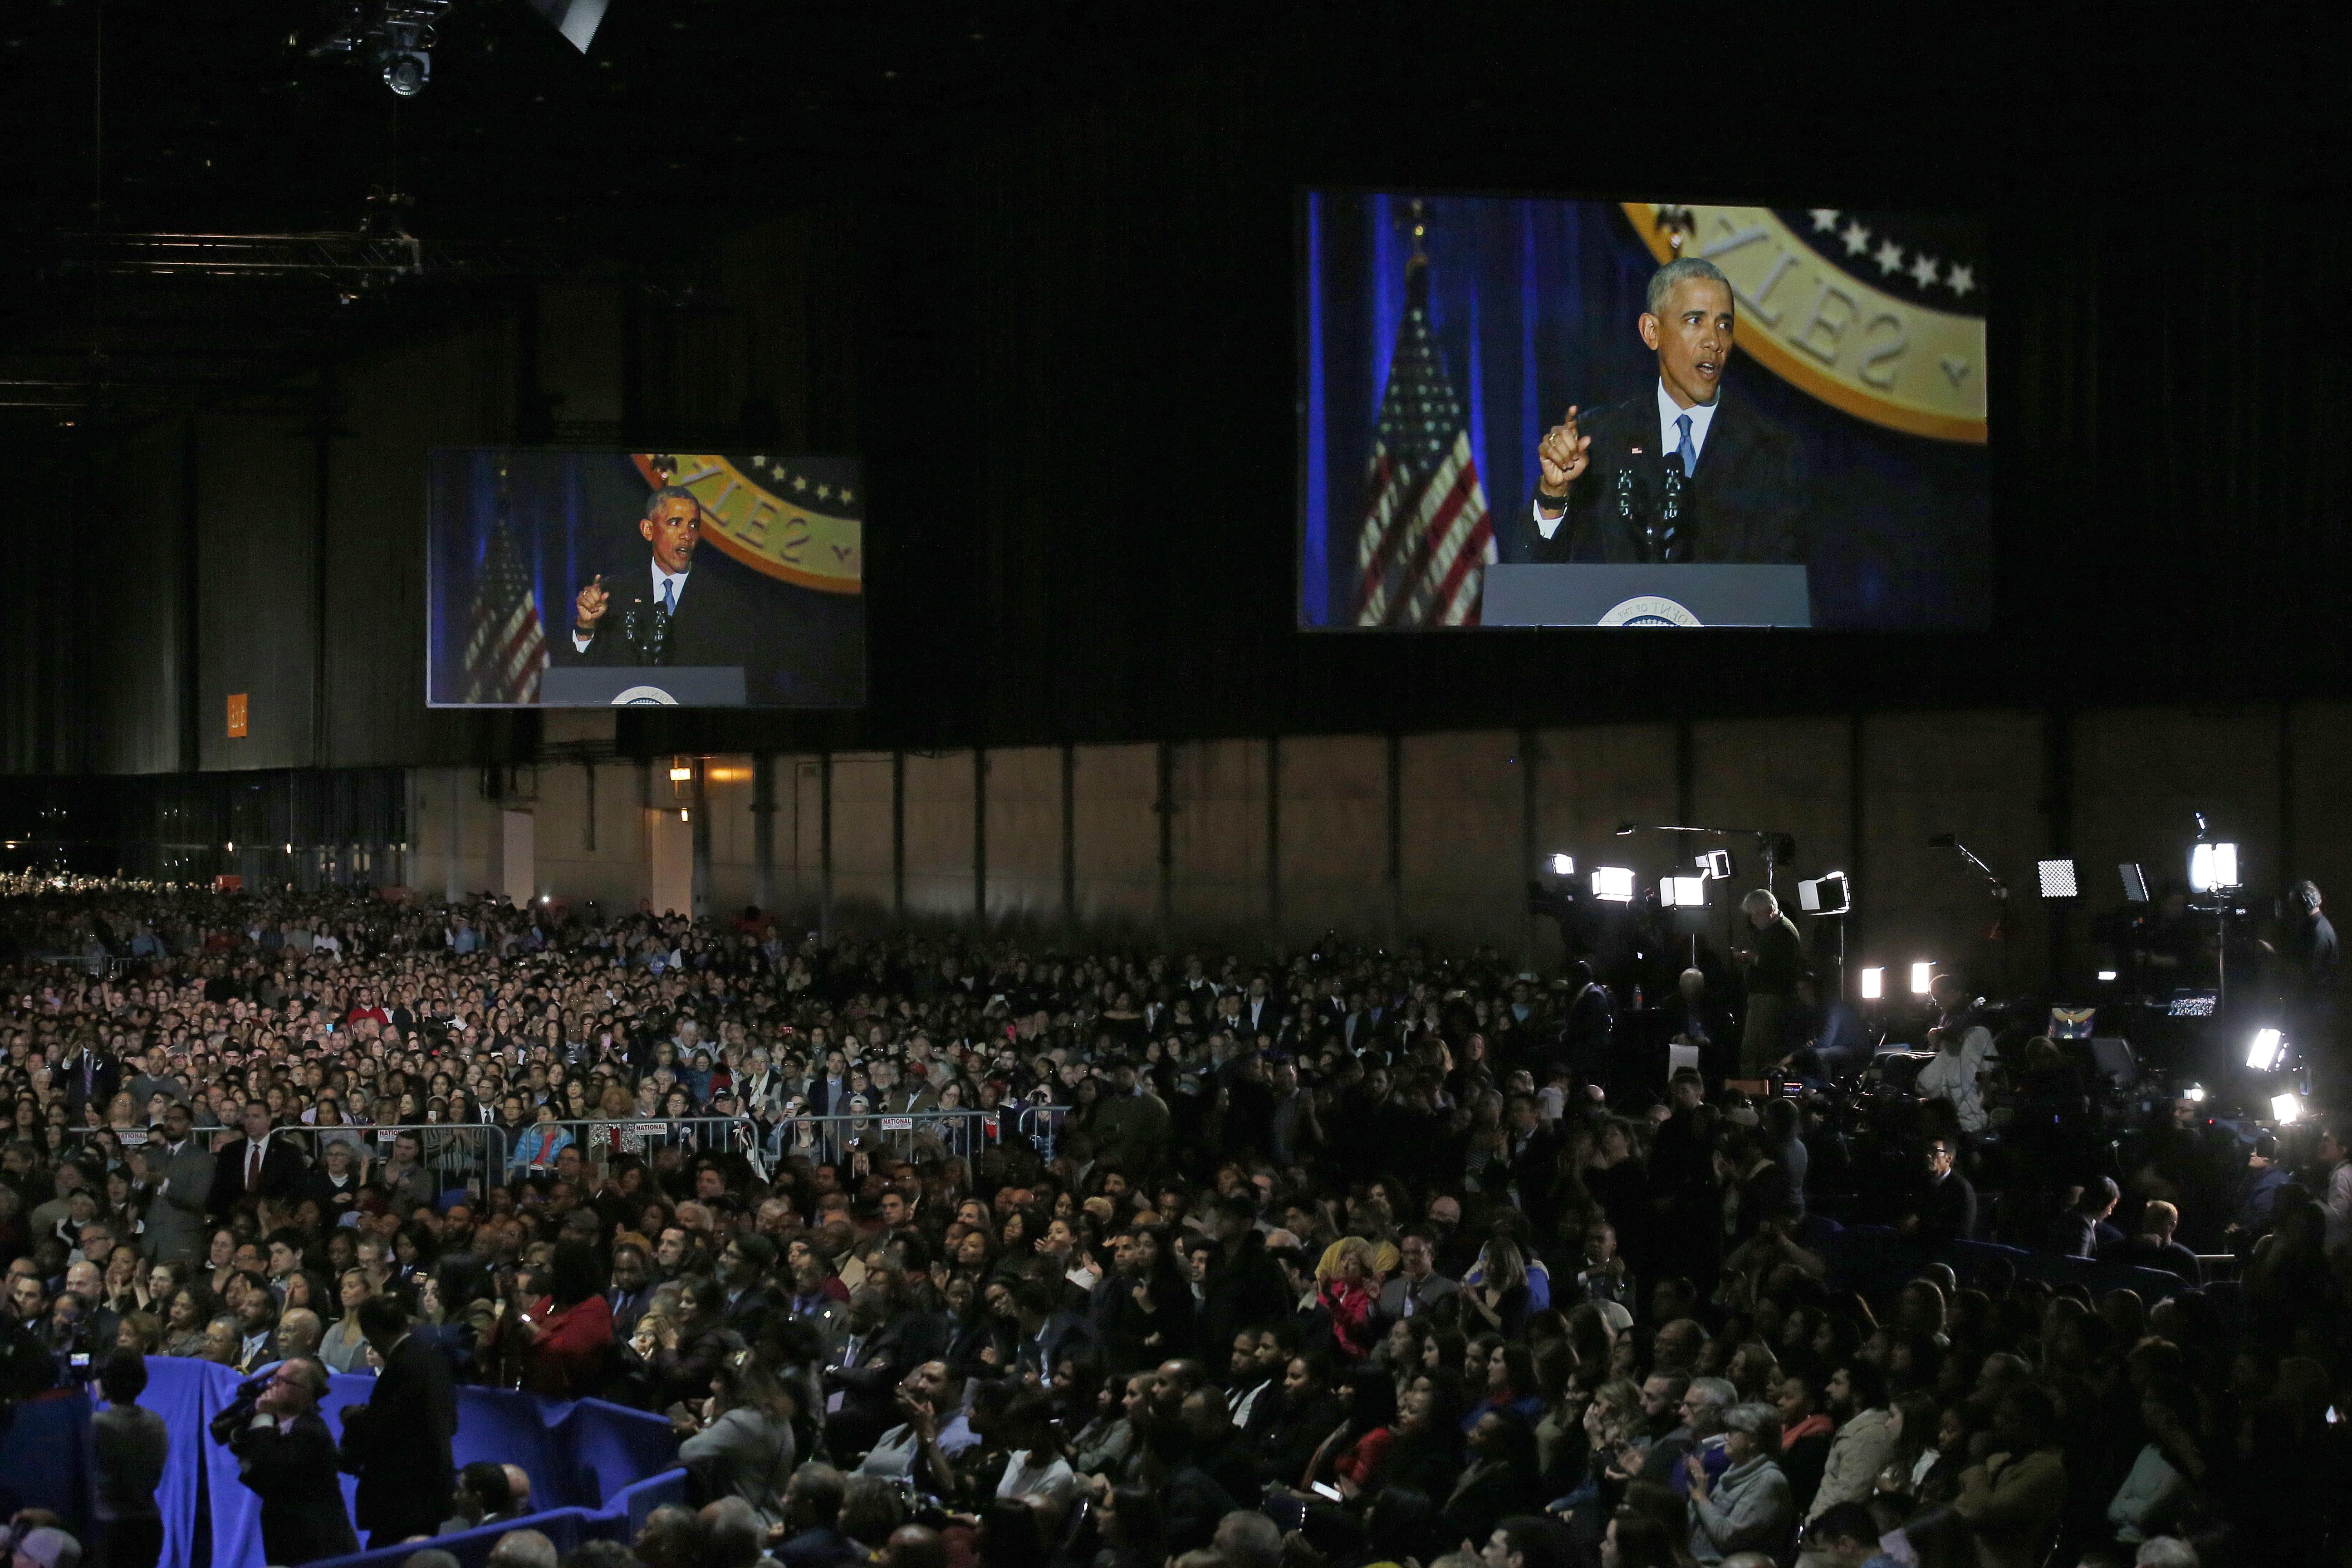 Los asistentes, cerca de 18 mil, escuchan atentos el discurso de Obama (AP Photo/Nam Y. Huh)